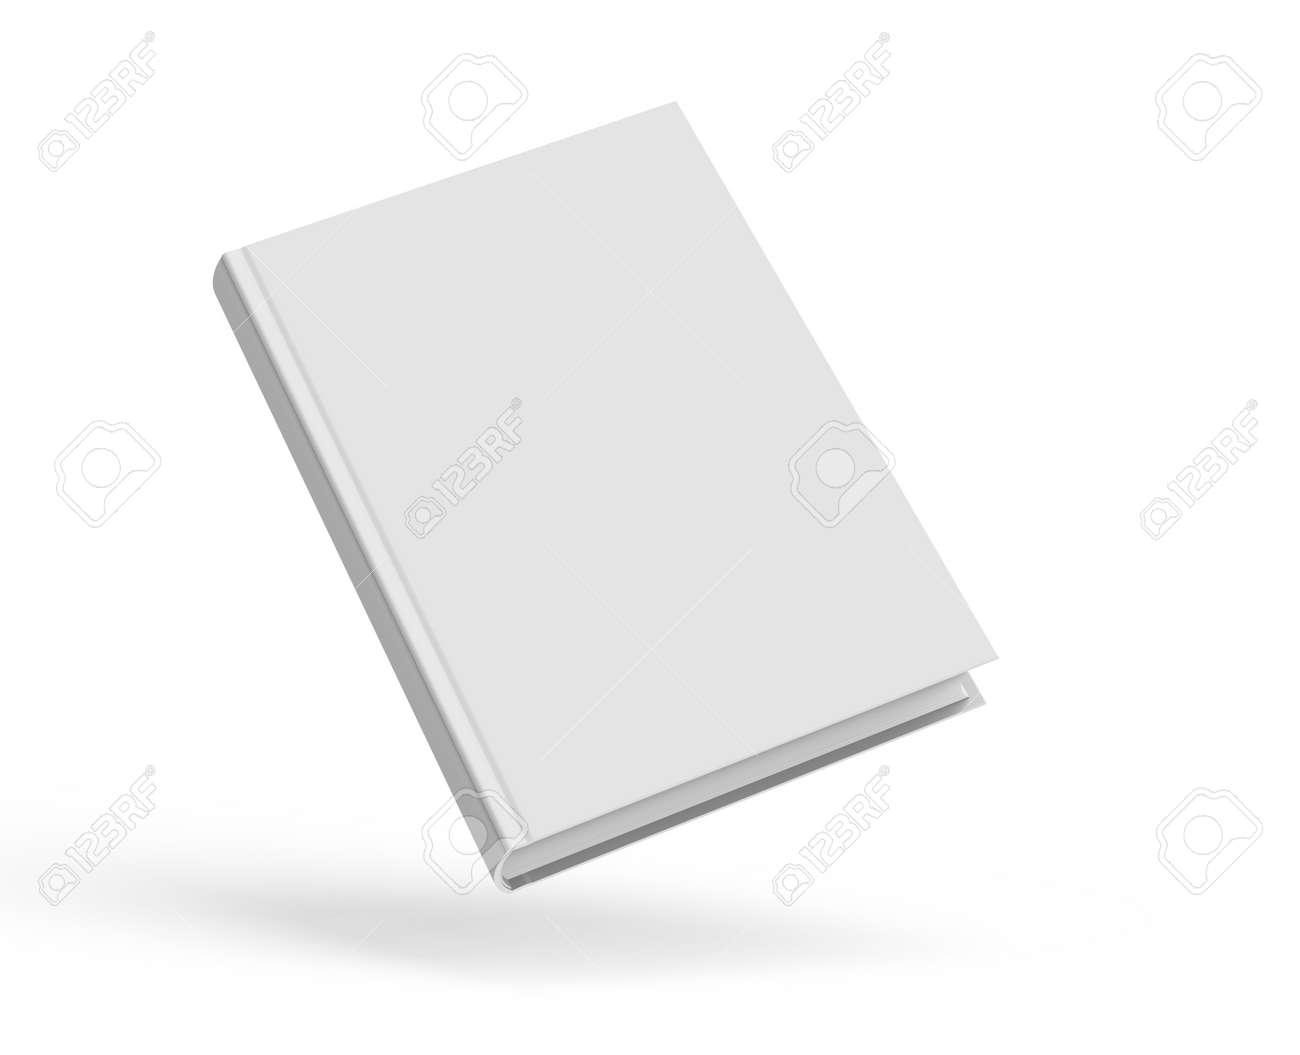 Modele De Livre A Couverture Rigide Blanc Couverture De Livre Blanc Flottant Dans L Air Pour La Conception Isole Sur Fond Blanc Le Rendu 3d